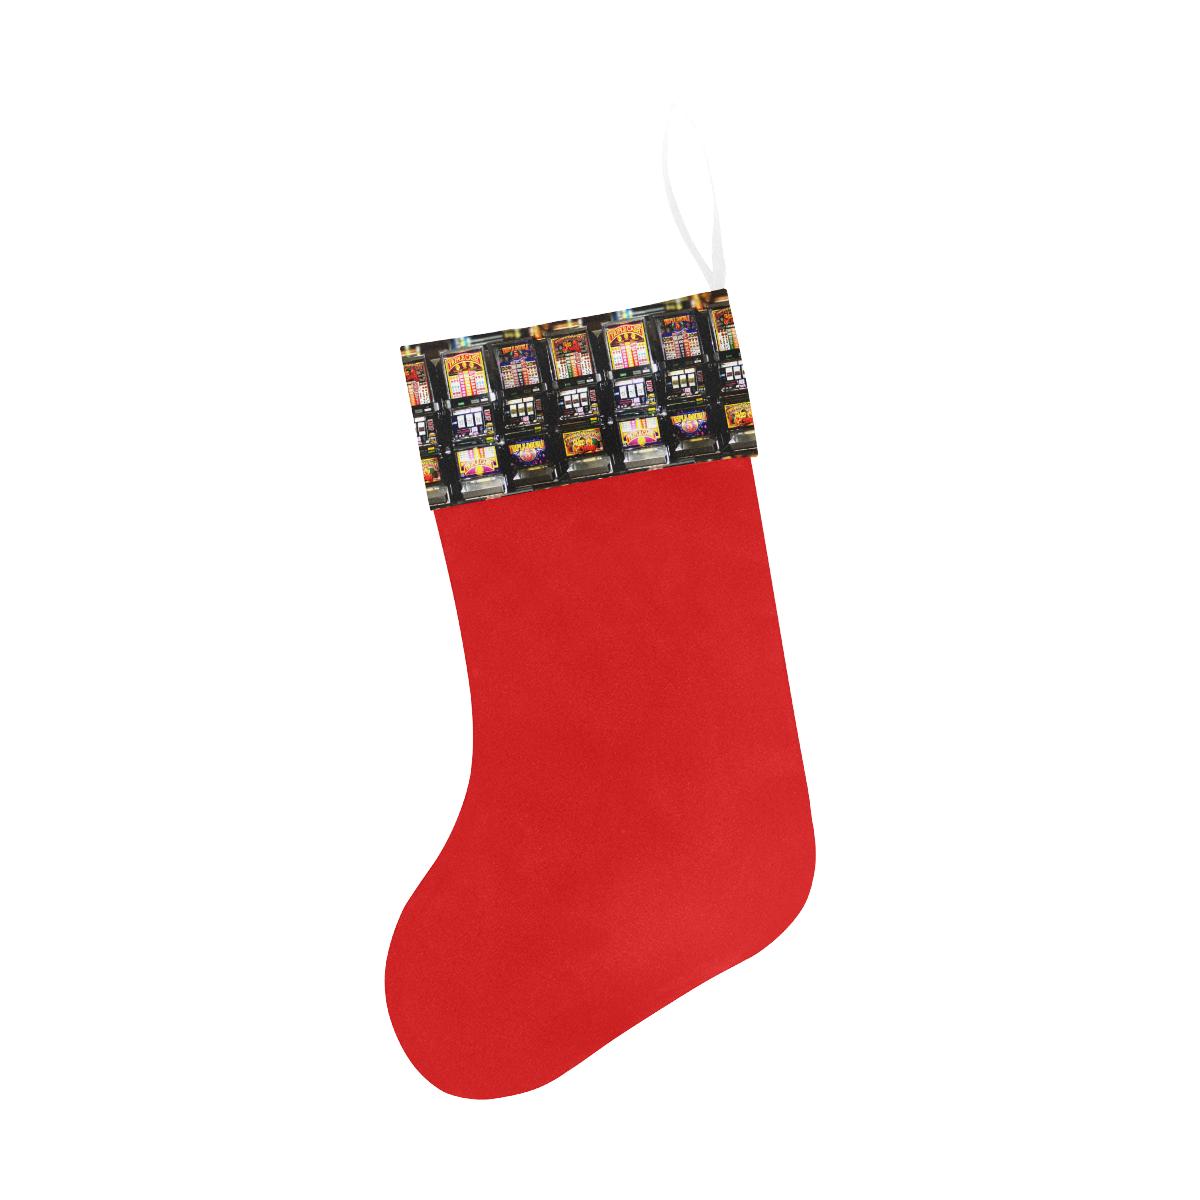 Lucky Slot Machines - Dream Machines Christmas Stocking